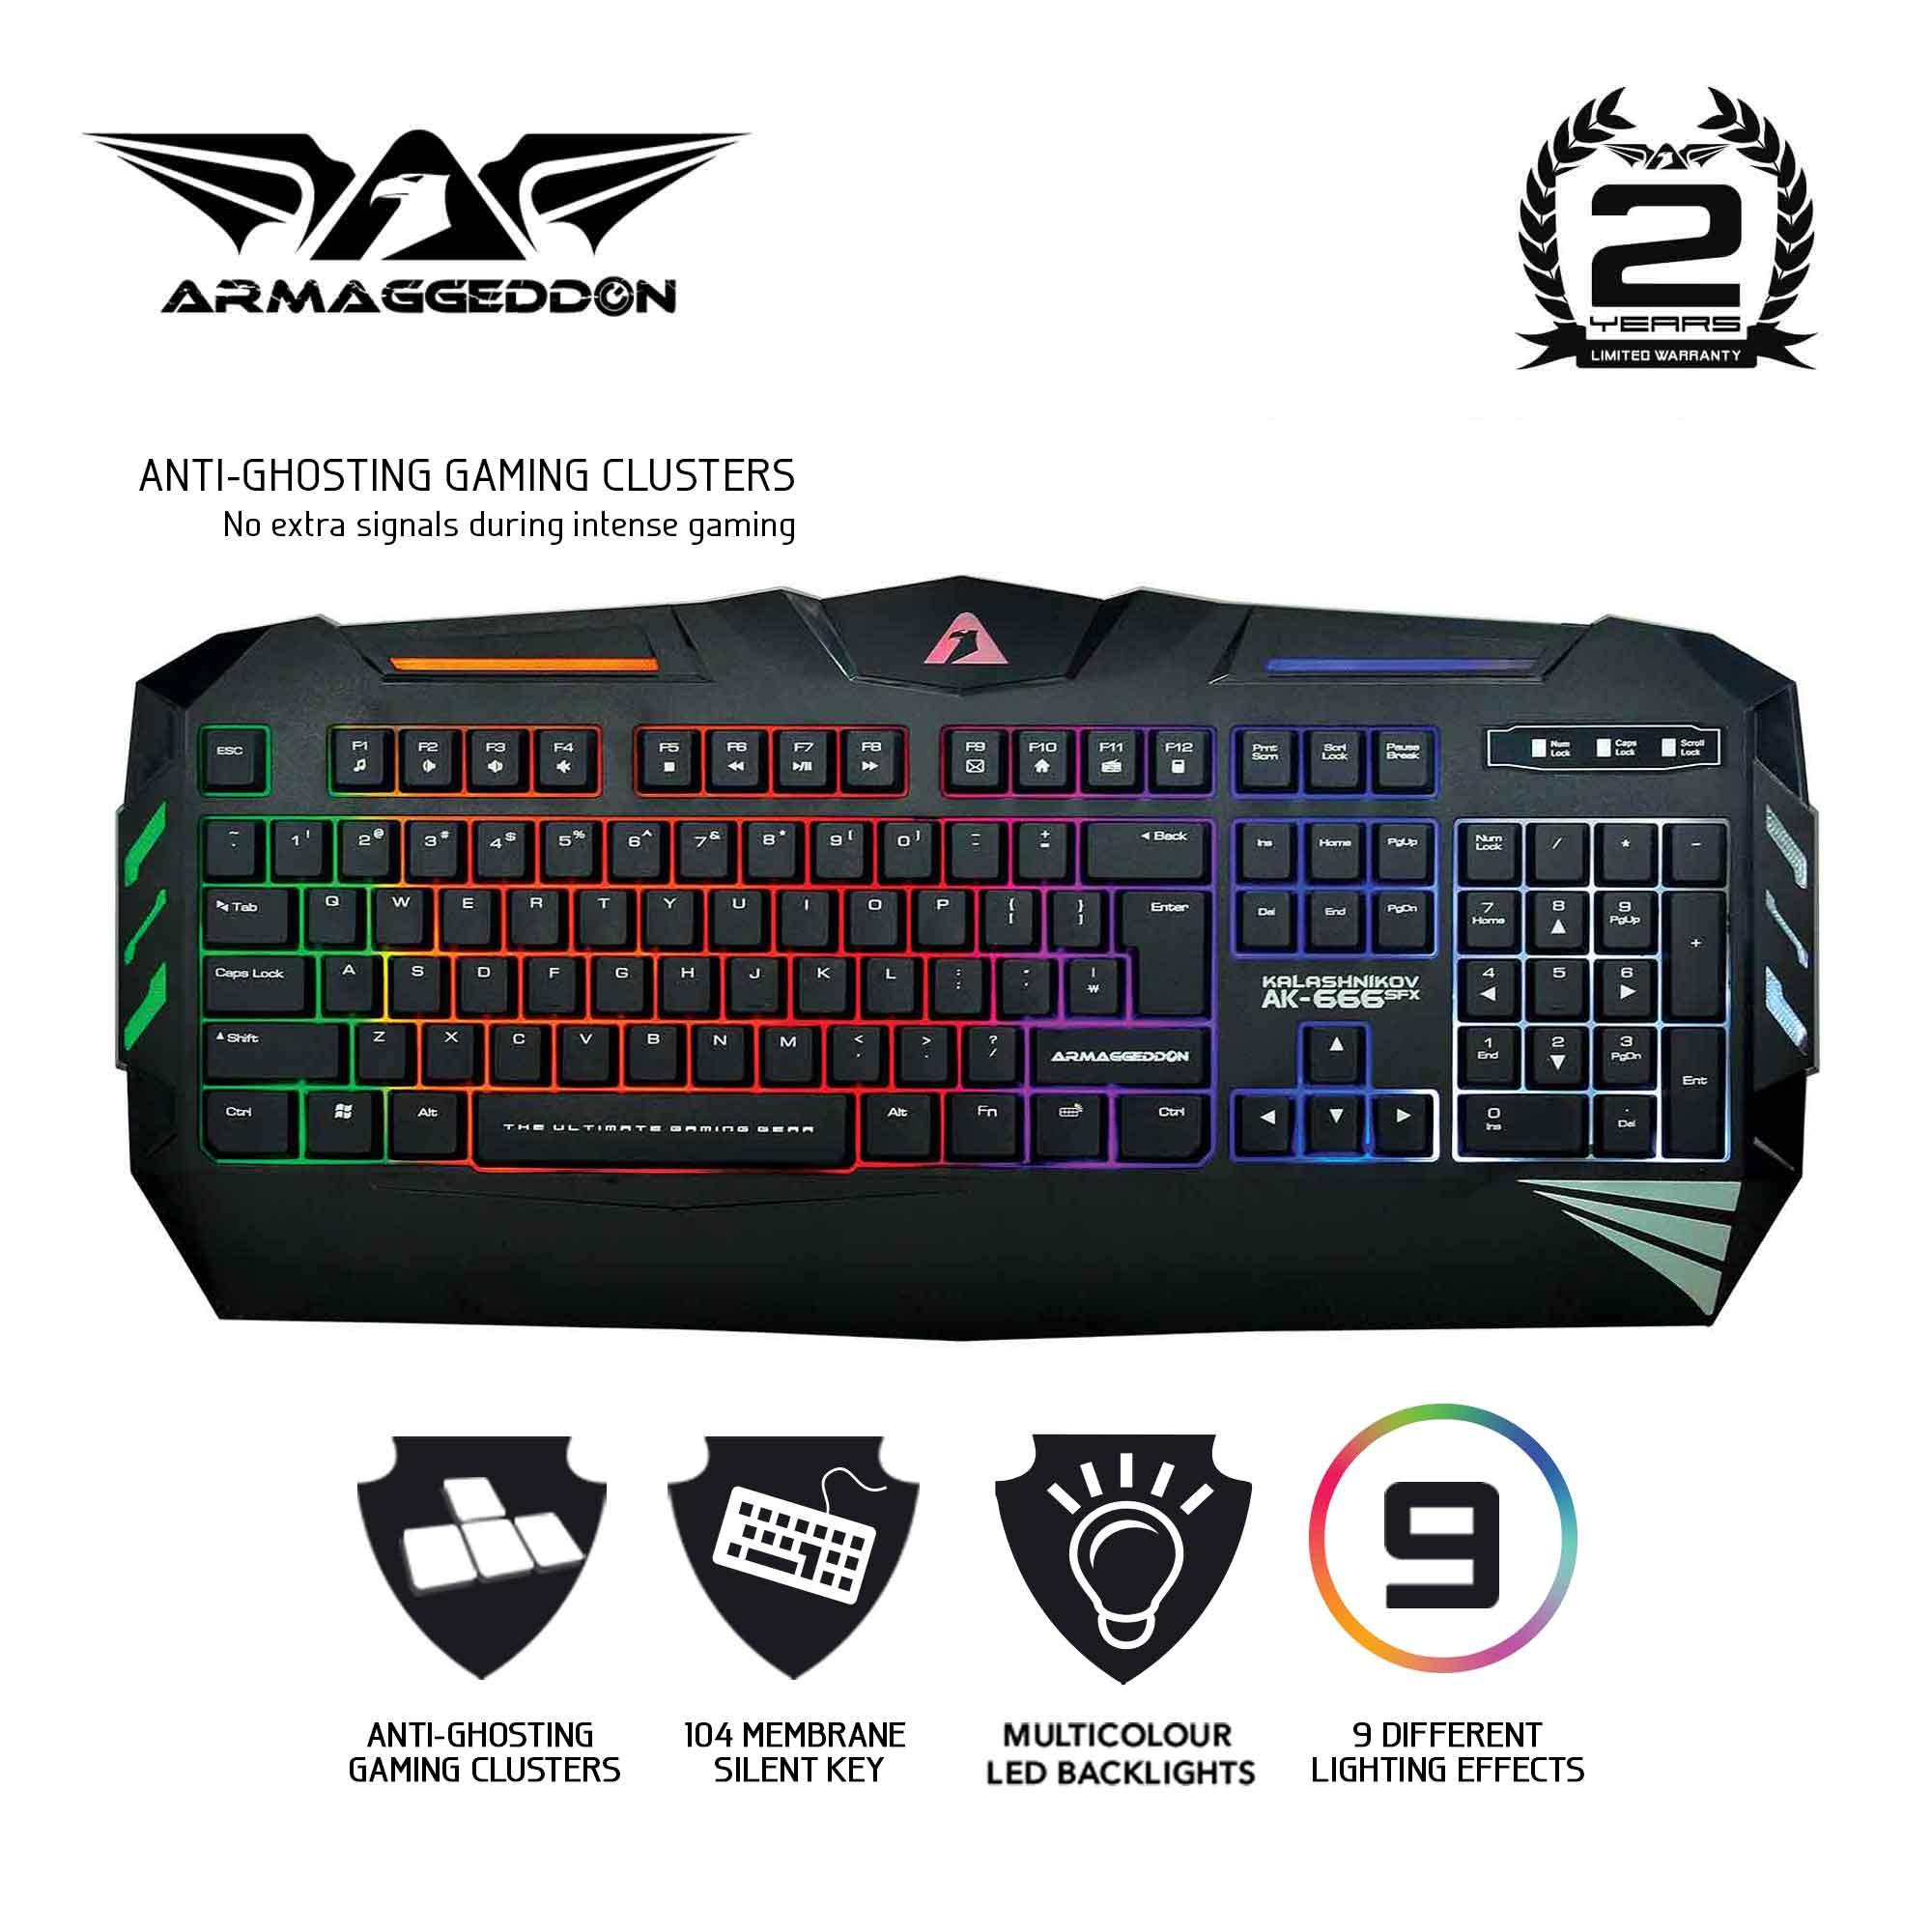 Armaggeddon Kalashnikov AK-666 SFX Anti-Ghosting And Spill Proof Gaming Keyboard - 9 Lighting Effect Singapore